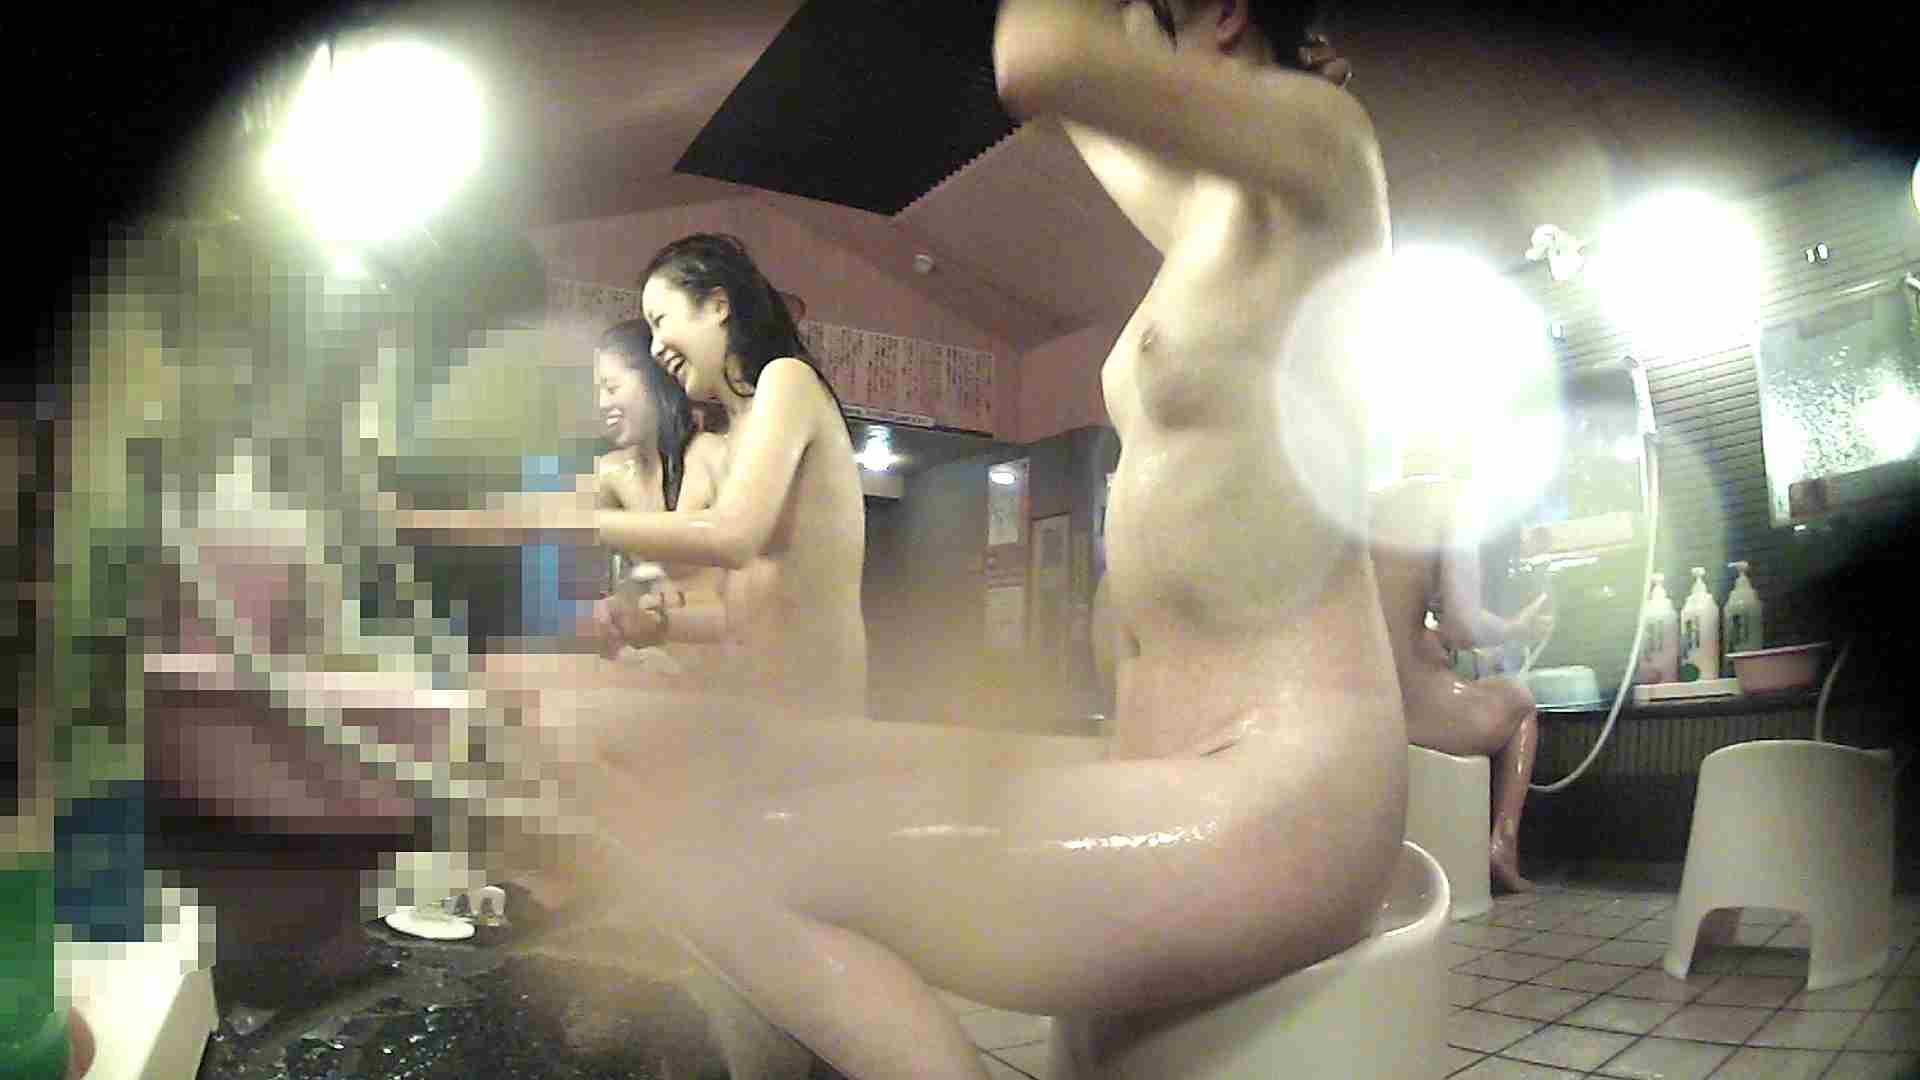 巨乳おまんこ:洗い場!お股の洗い方に好感が持てるお嬢さん:怪盗ジョーカー